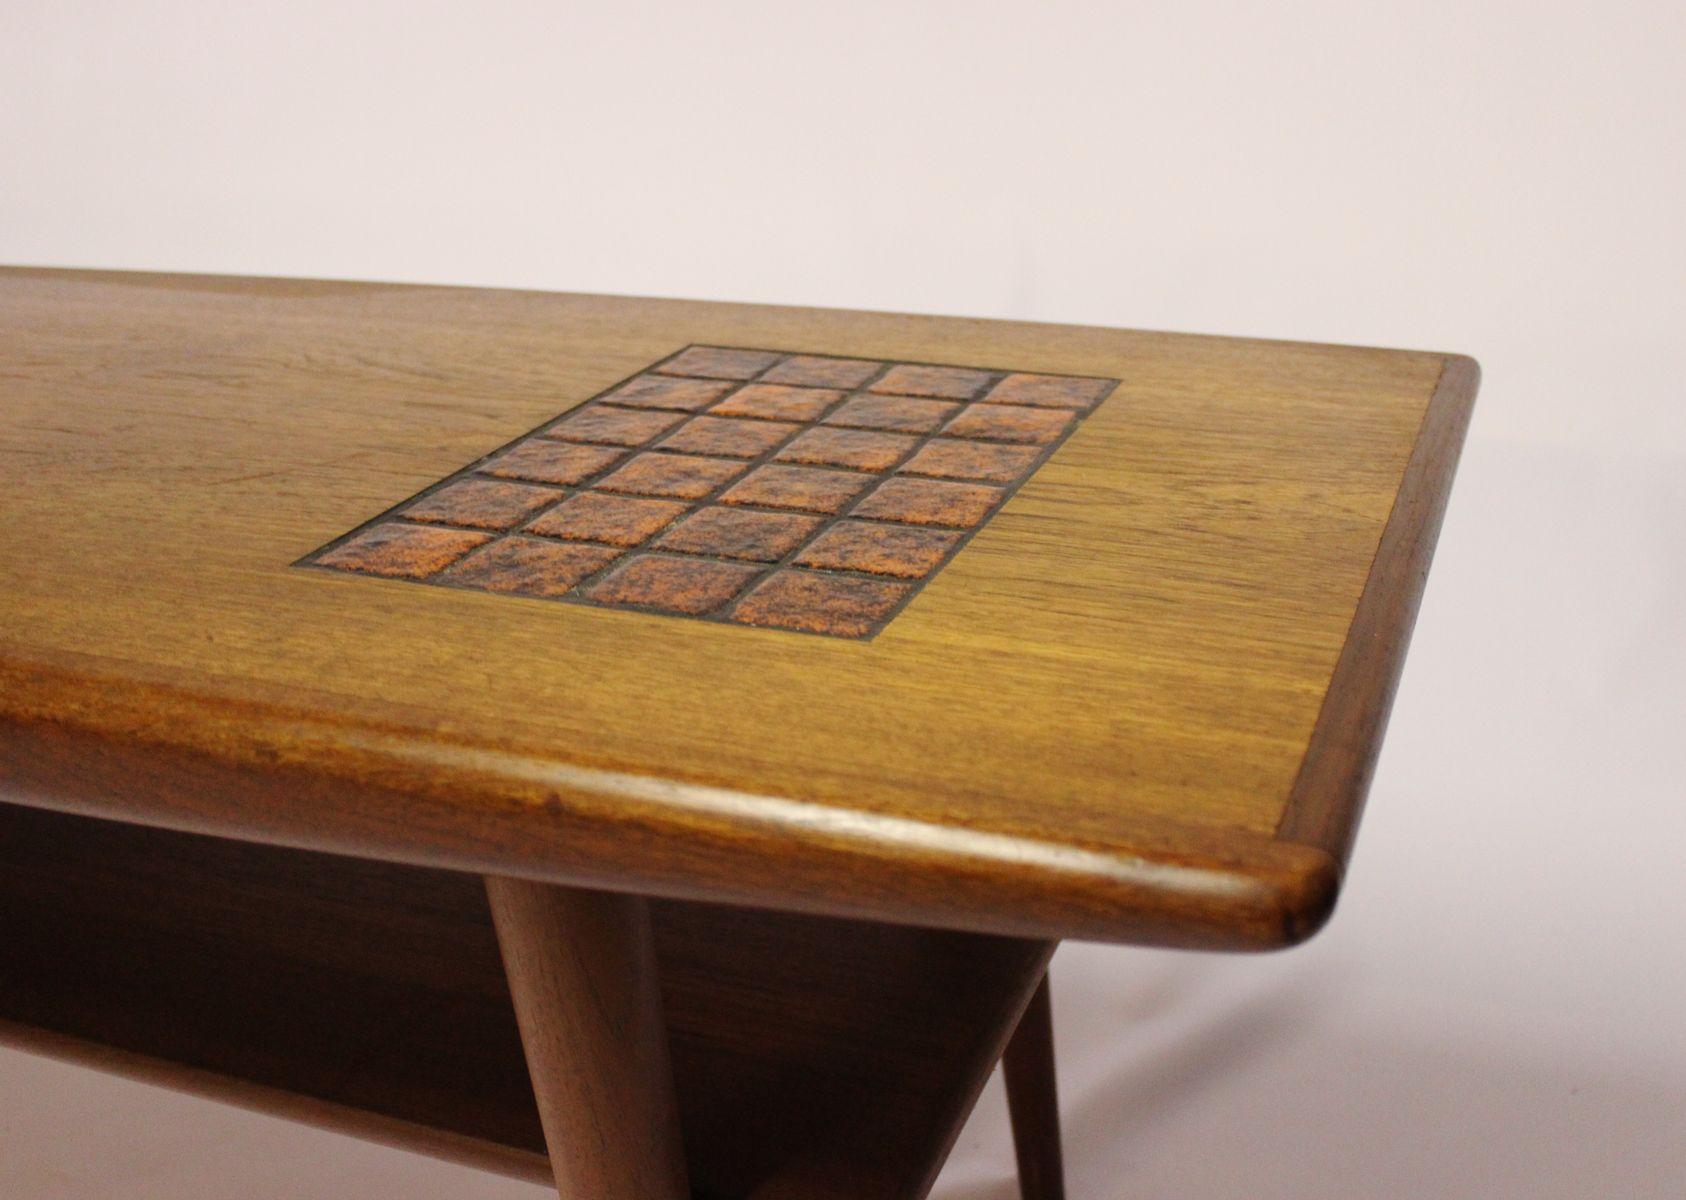 Tavolino da caffè in teak con piastrelle di colore scuro